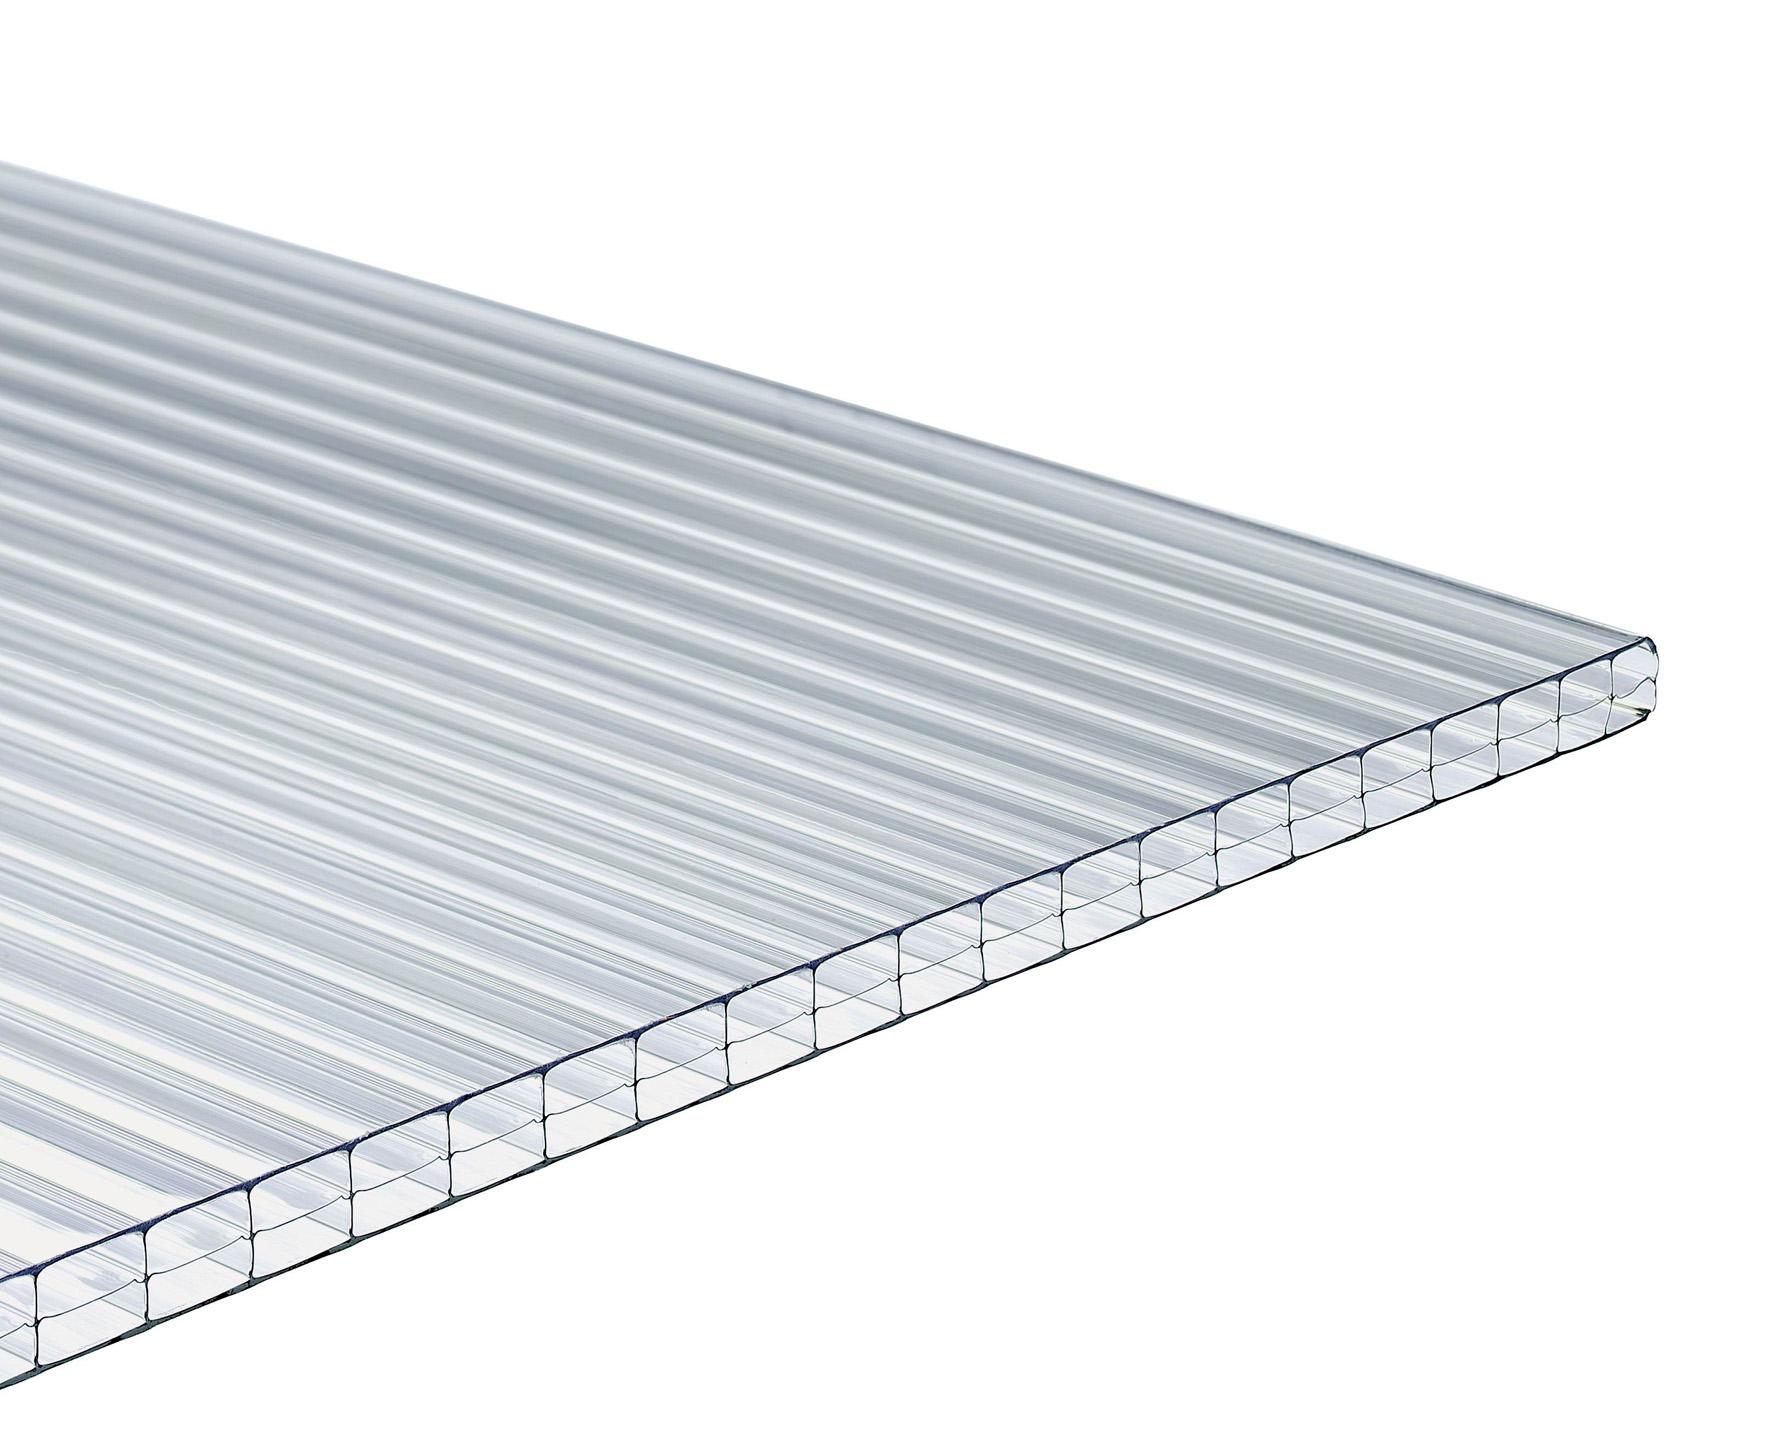 Plaque polycarbonate Lumisol 200x98cm 16mm - Couverture toiture - Charpente et couverture ...